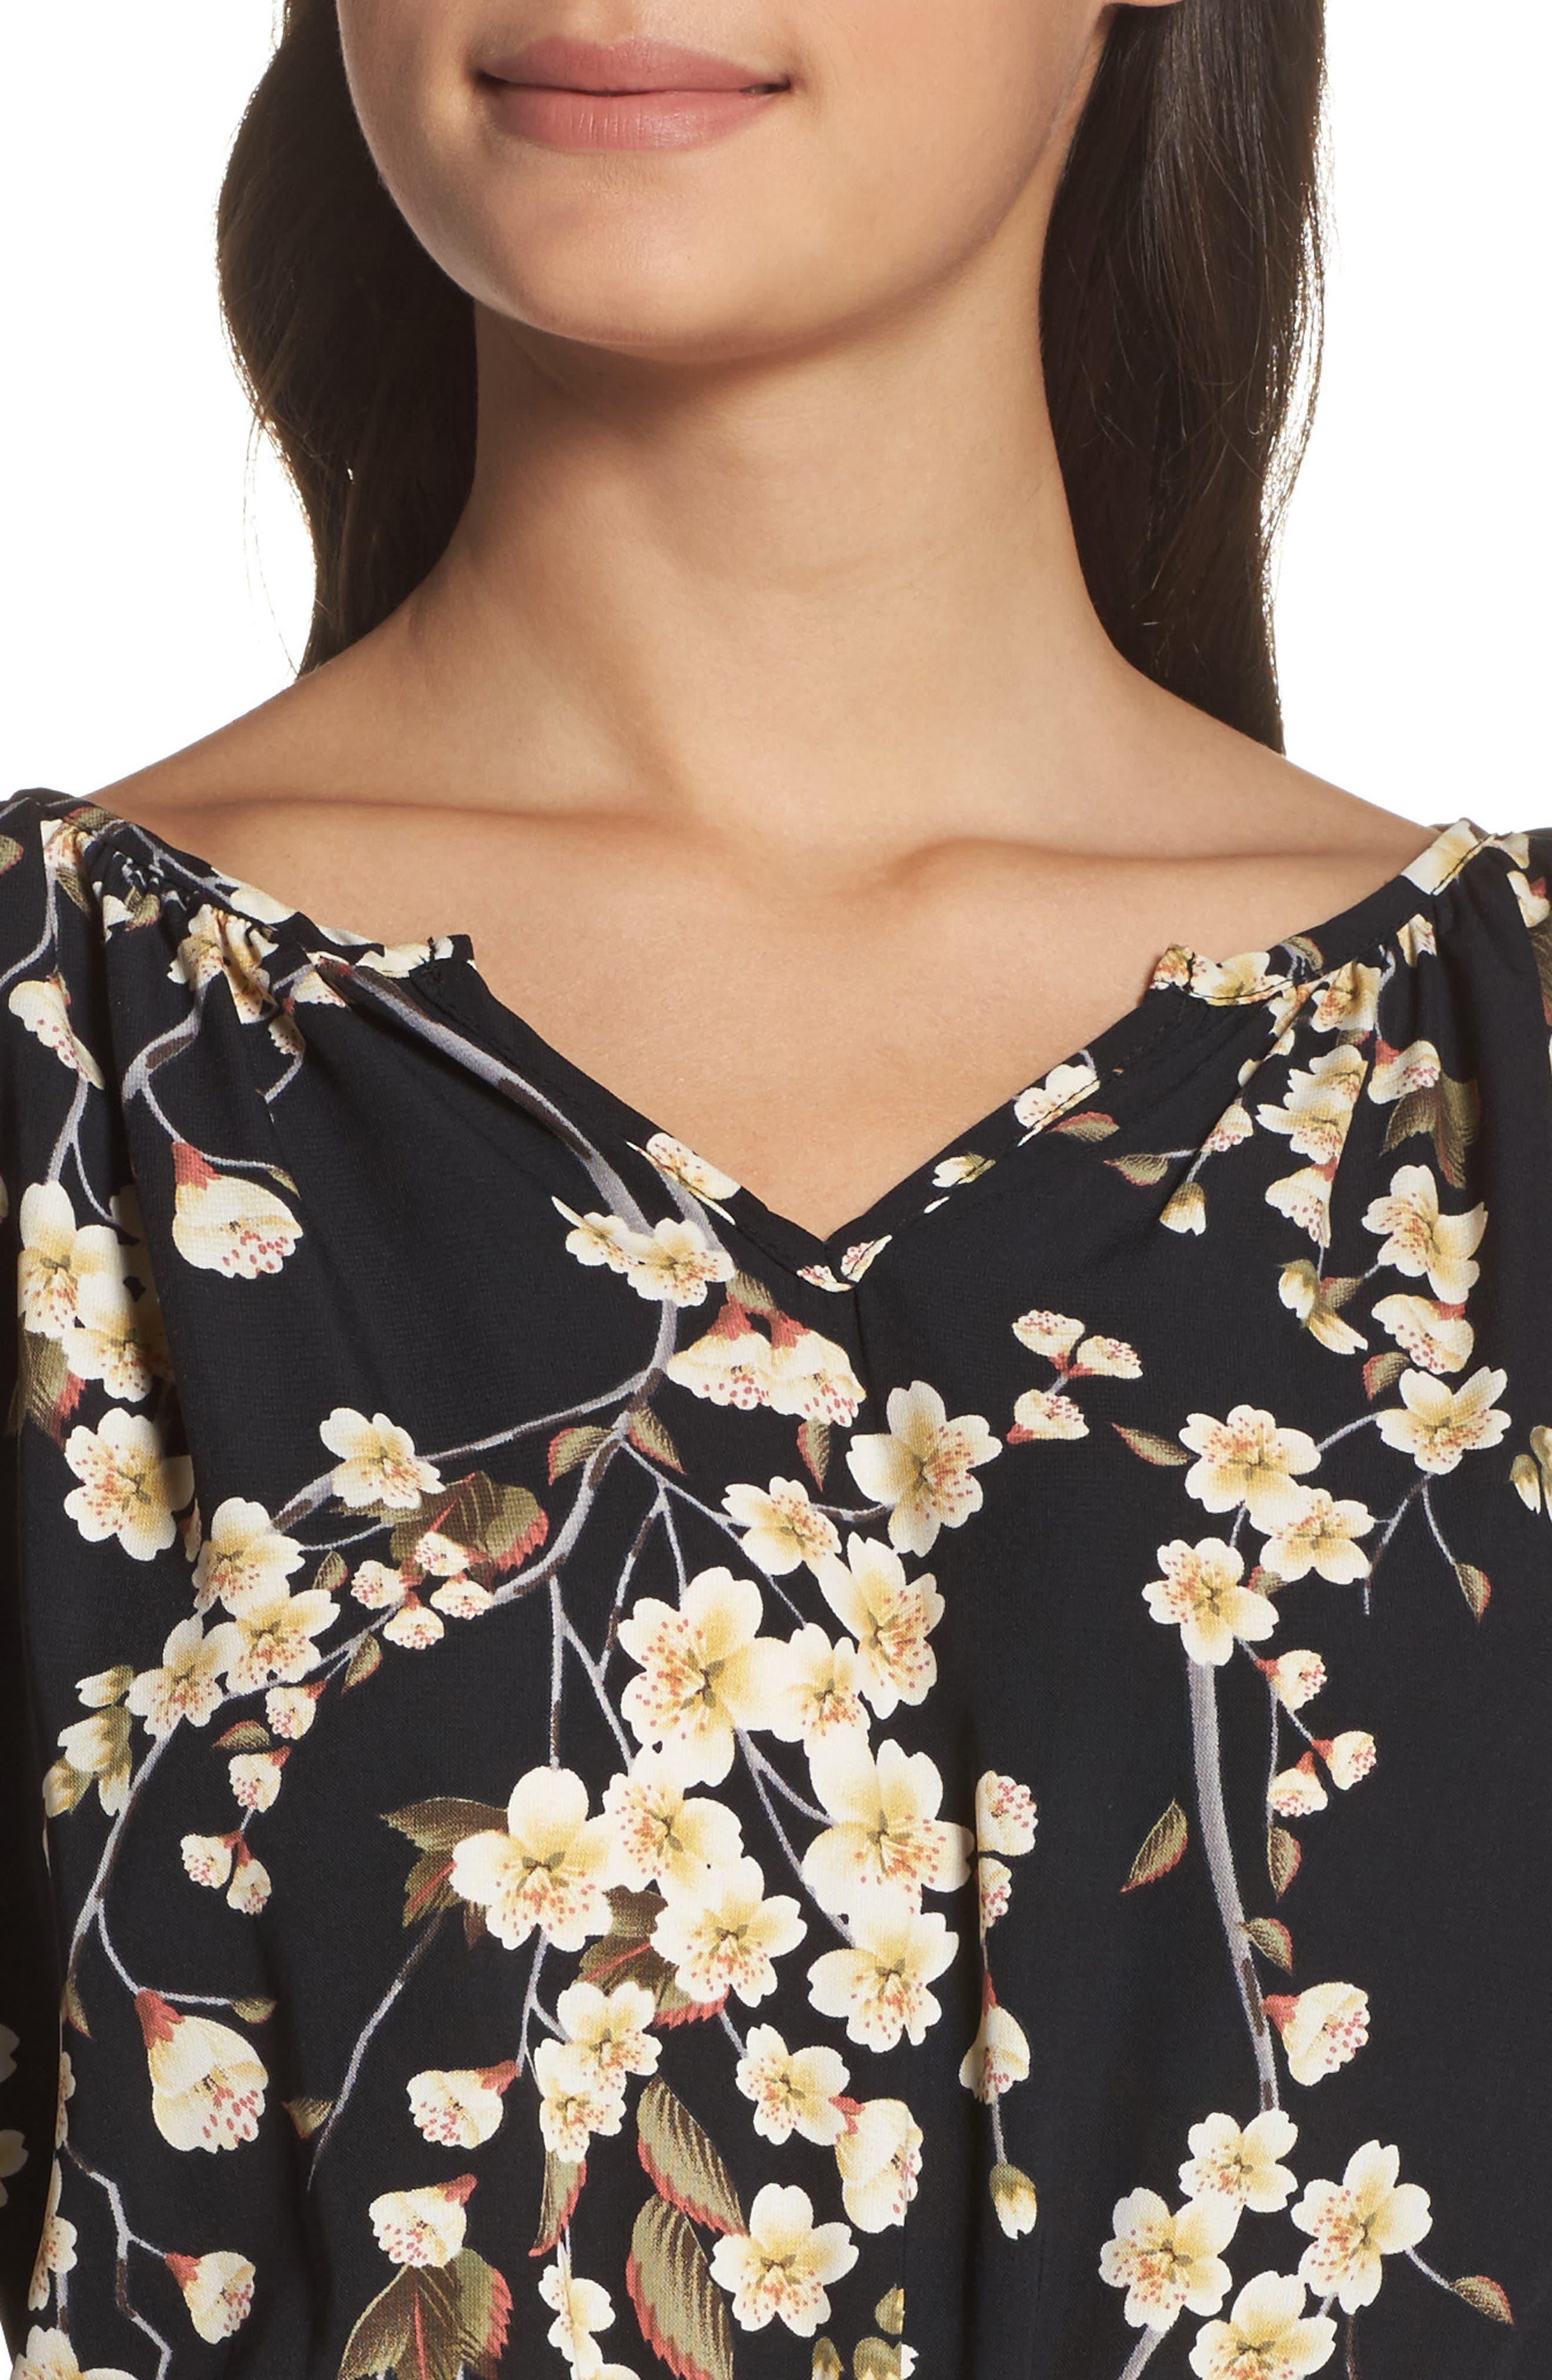 Floral Blouson Dress,                             Alternate thumbnail 4, color,                             002